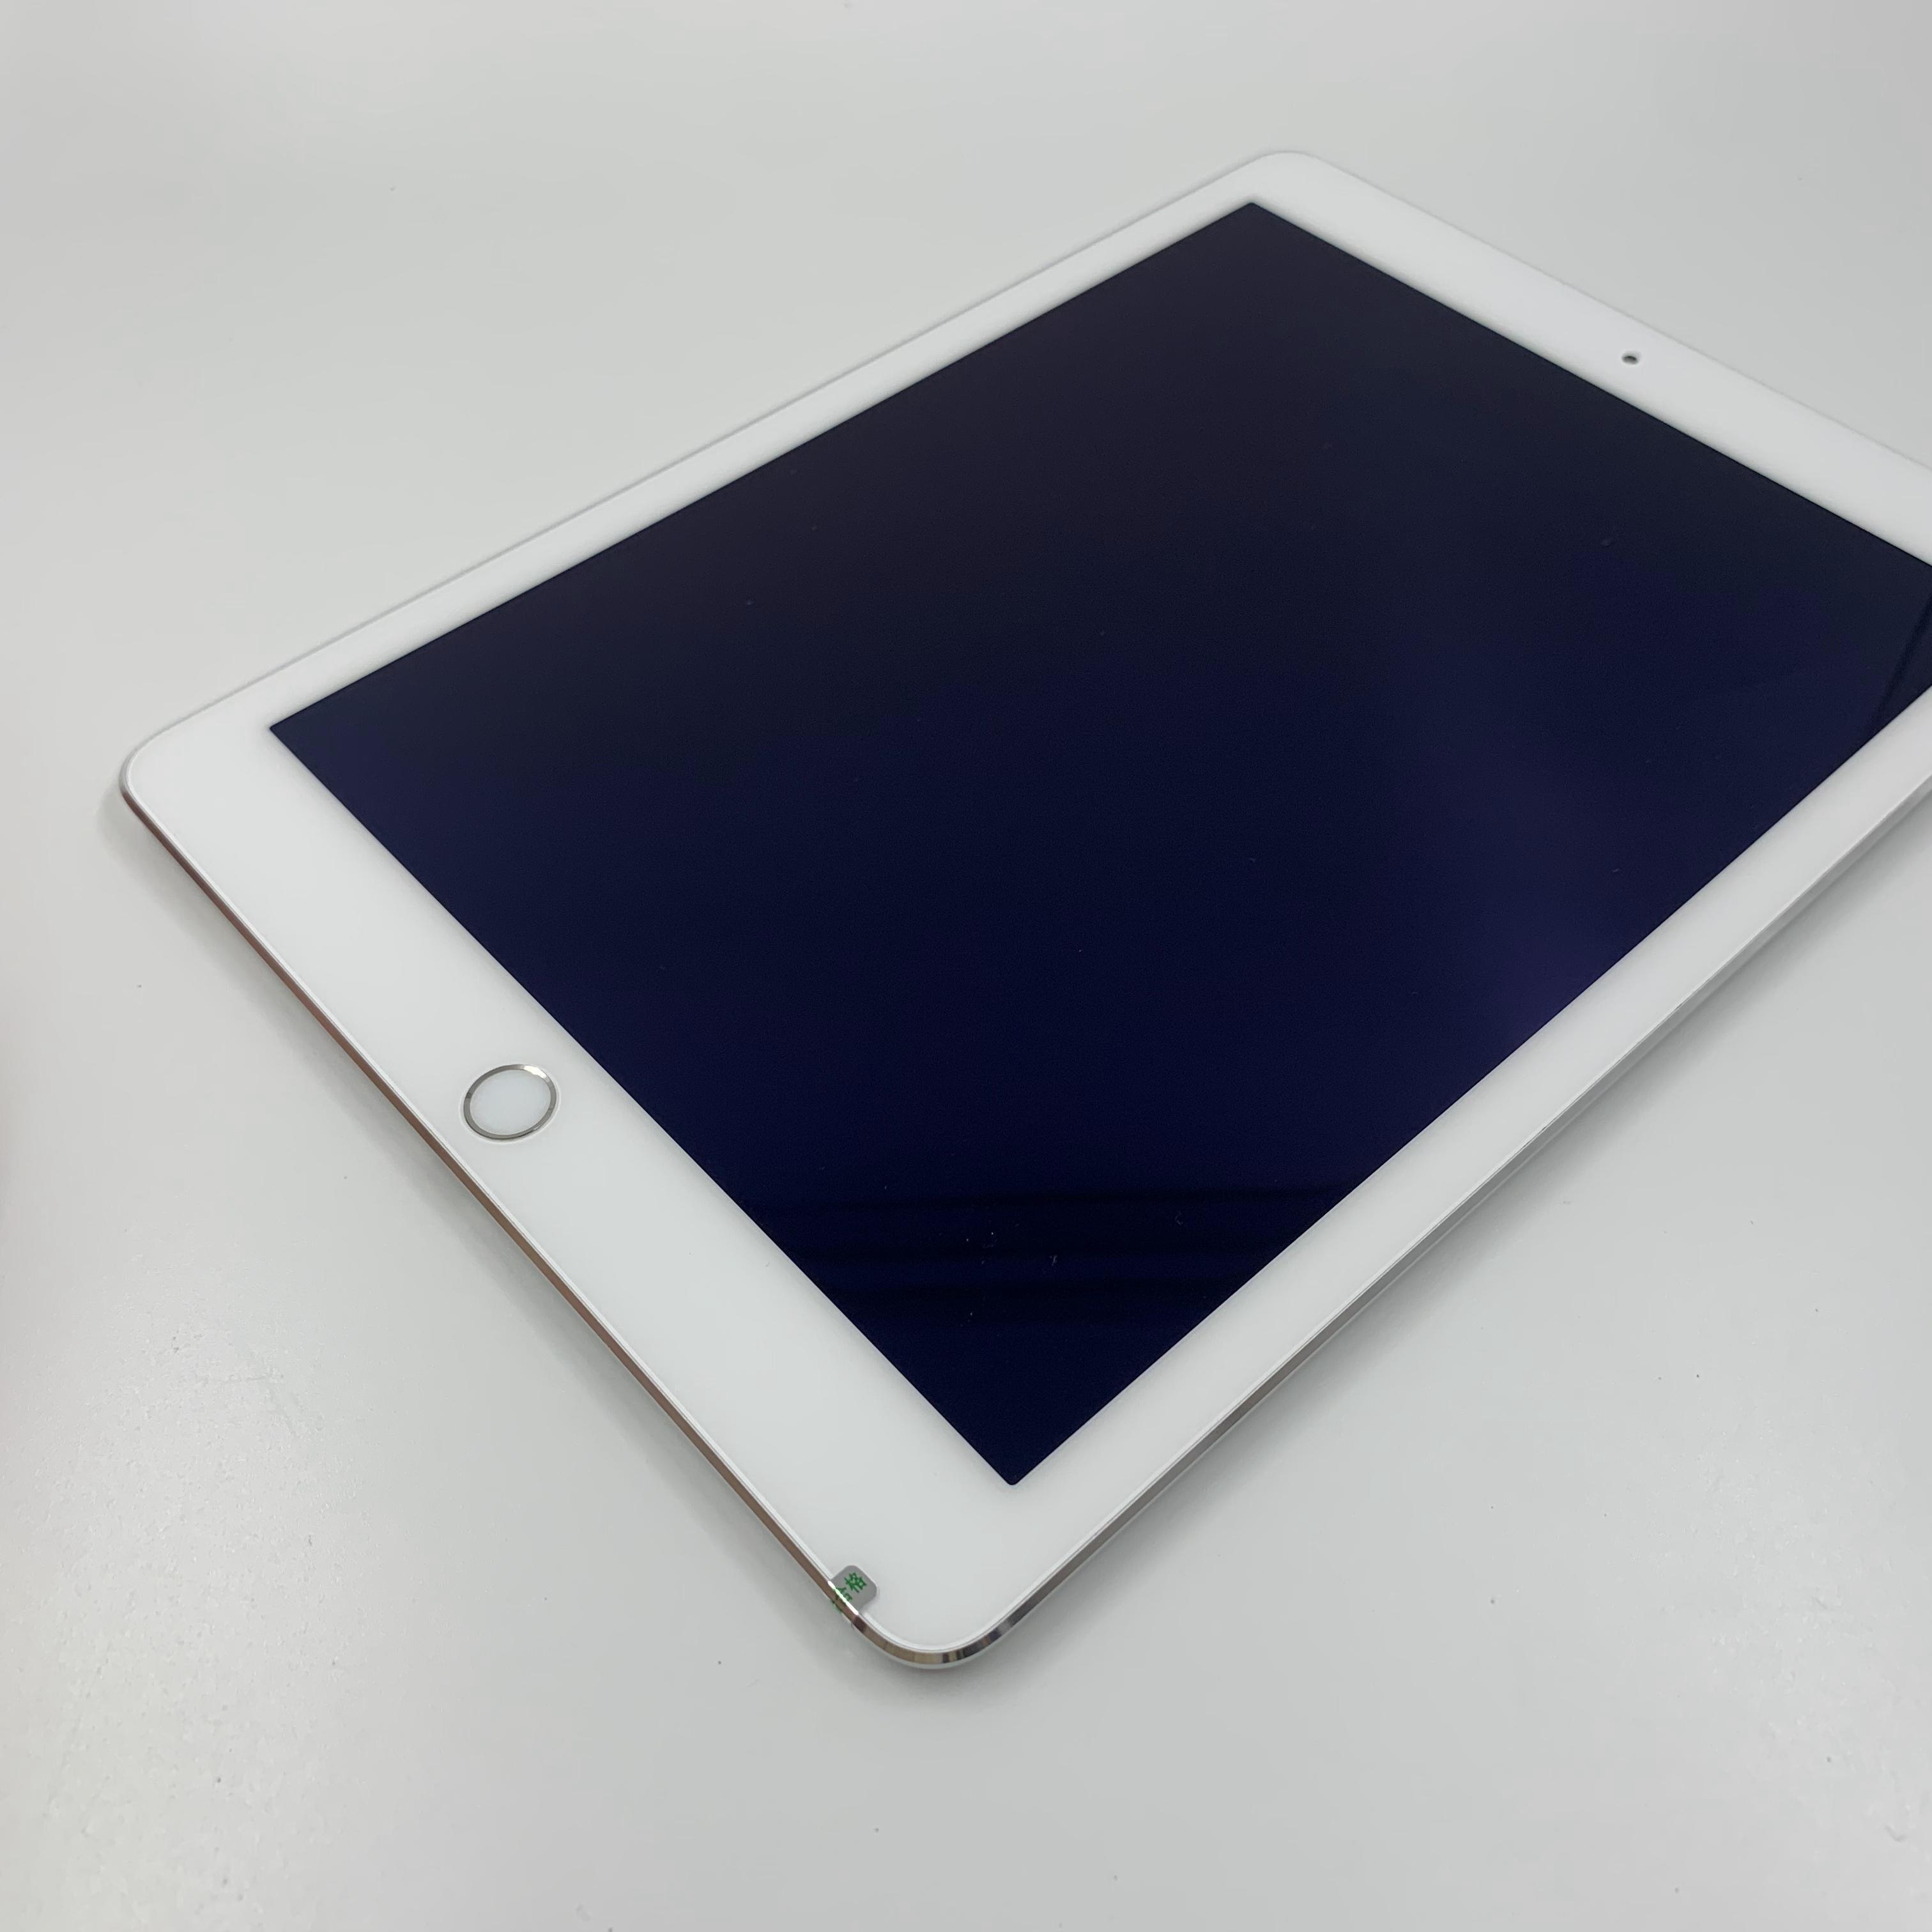 苹果【iPad Air 2】WIFI版 银色 16G 国行 95新 真机实拍